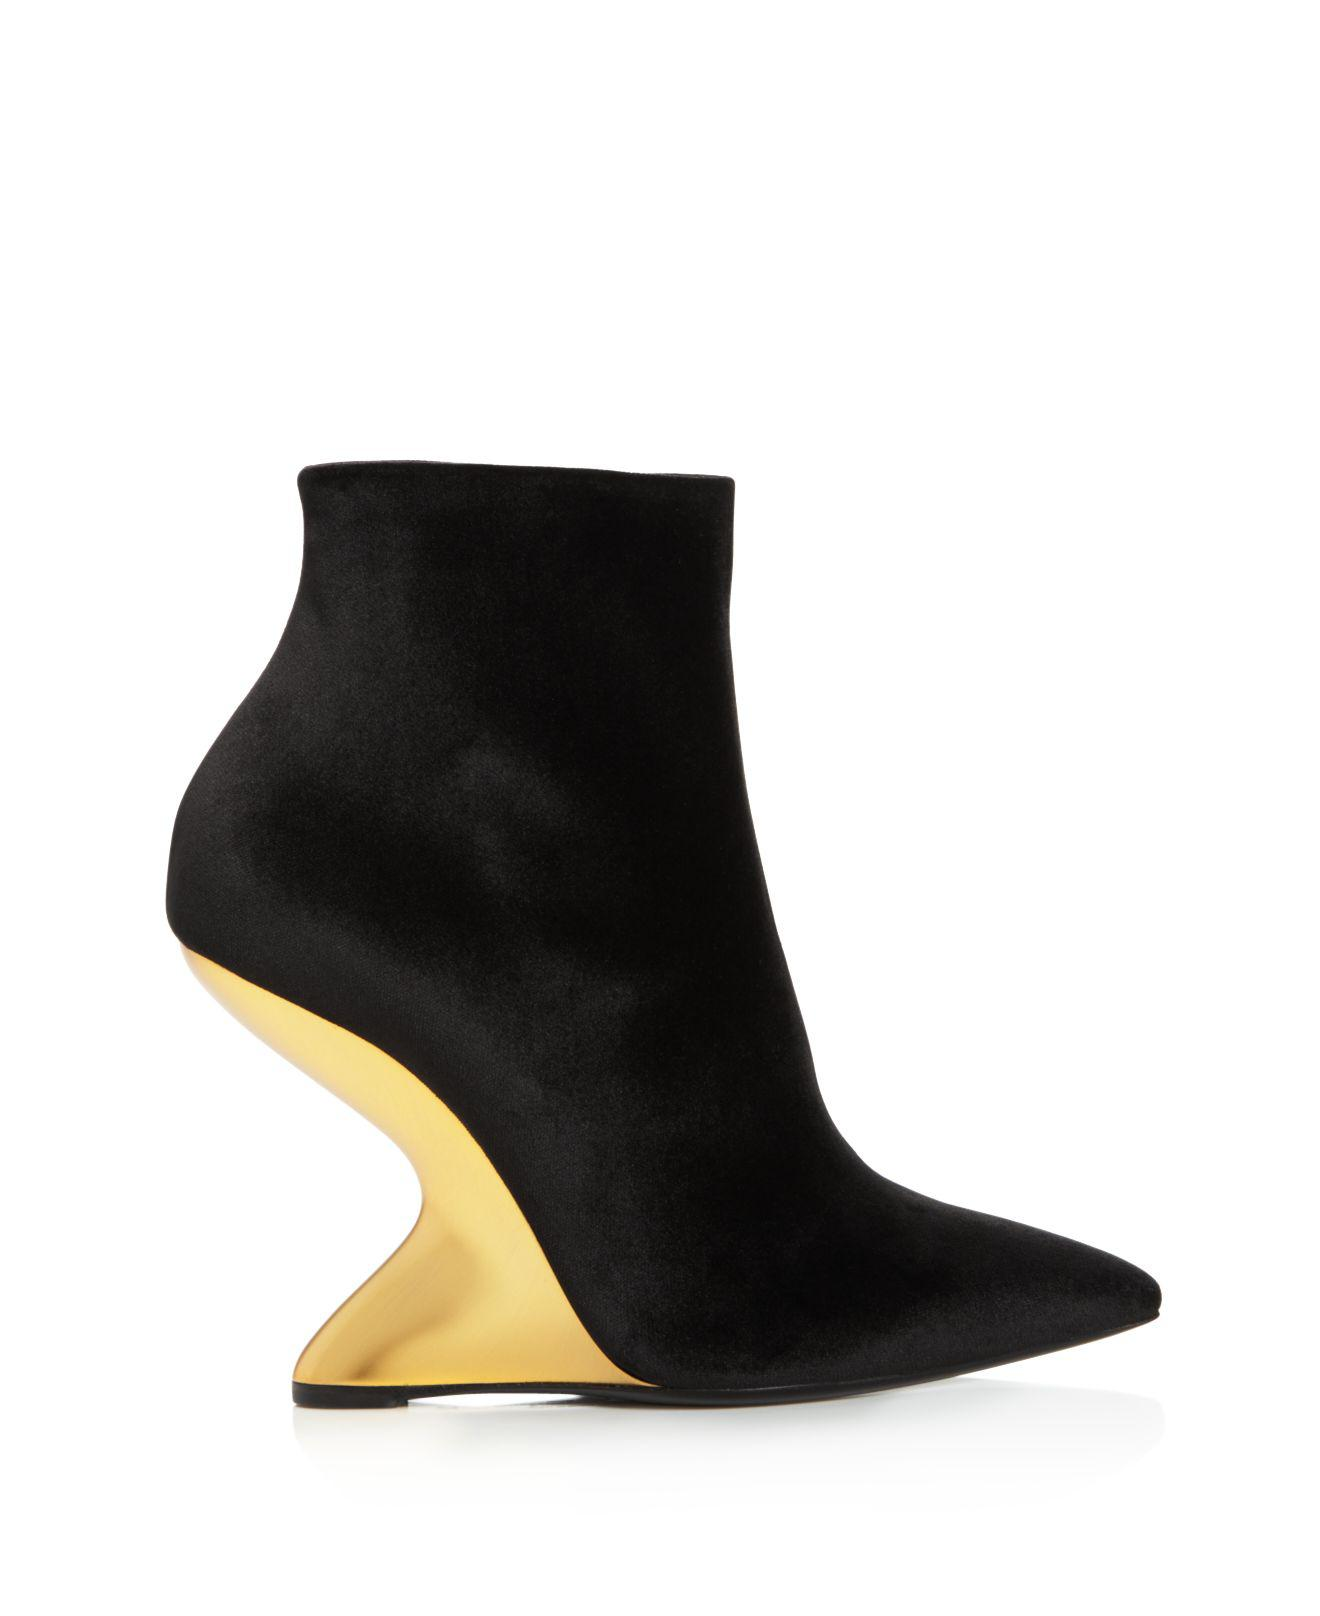 Salvatore Ferragamo Bolgheriv Velvet Bootie with Golden Wedge Heel, Nero